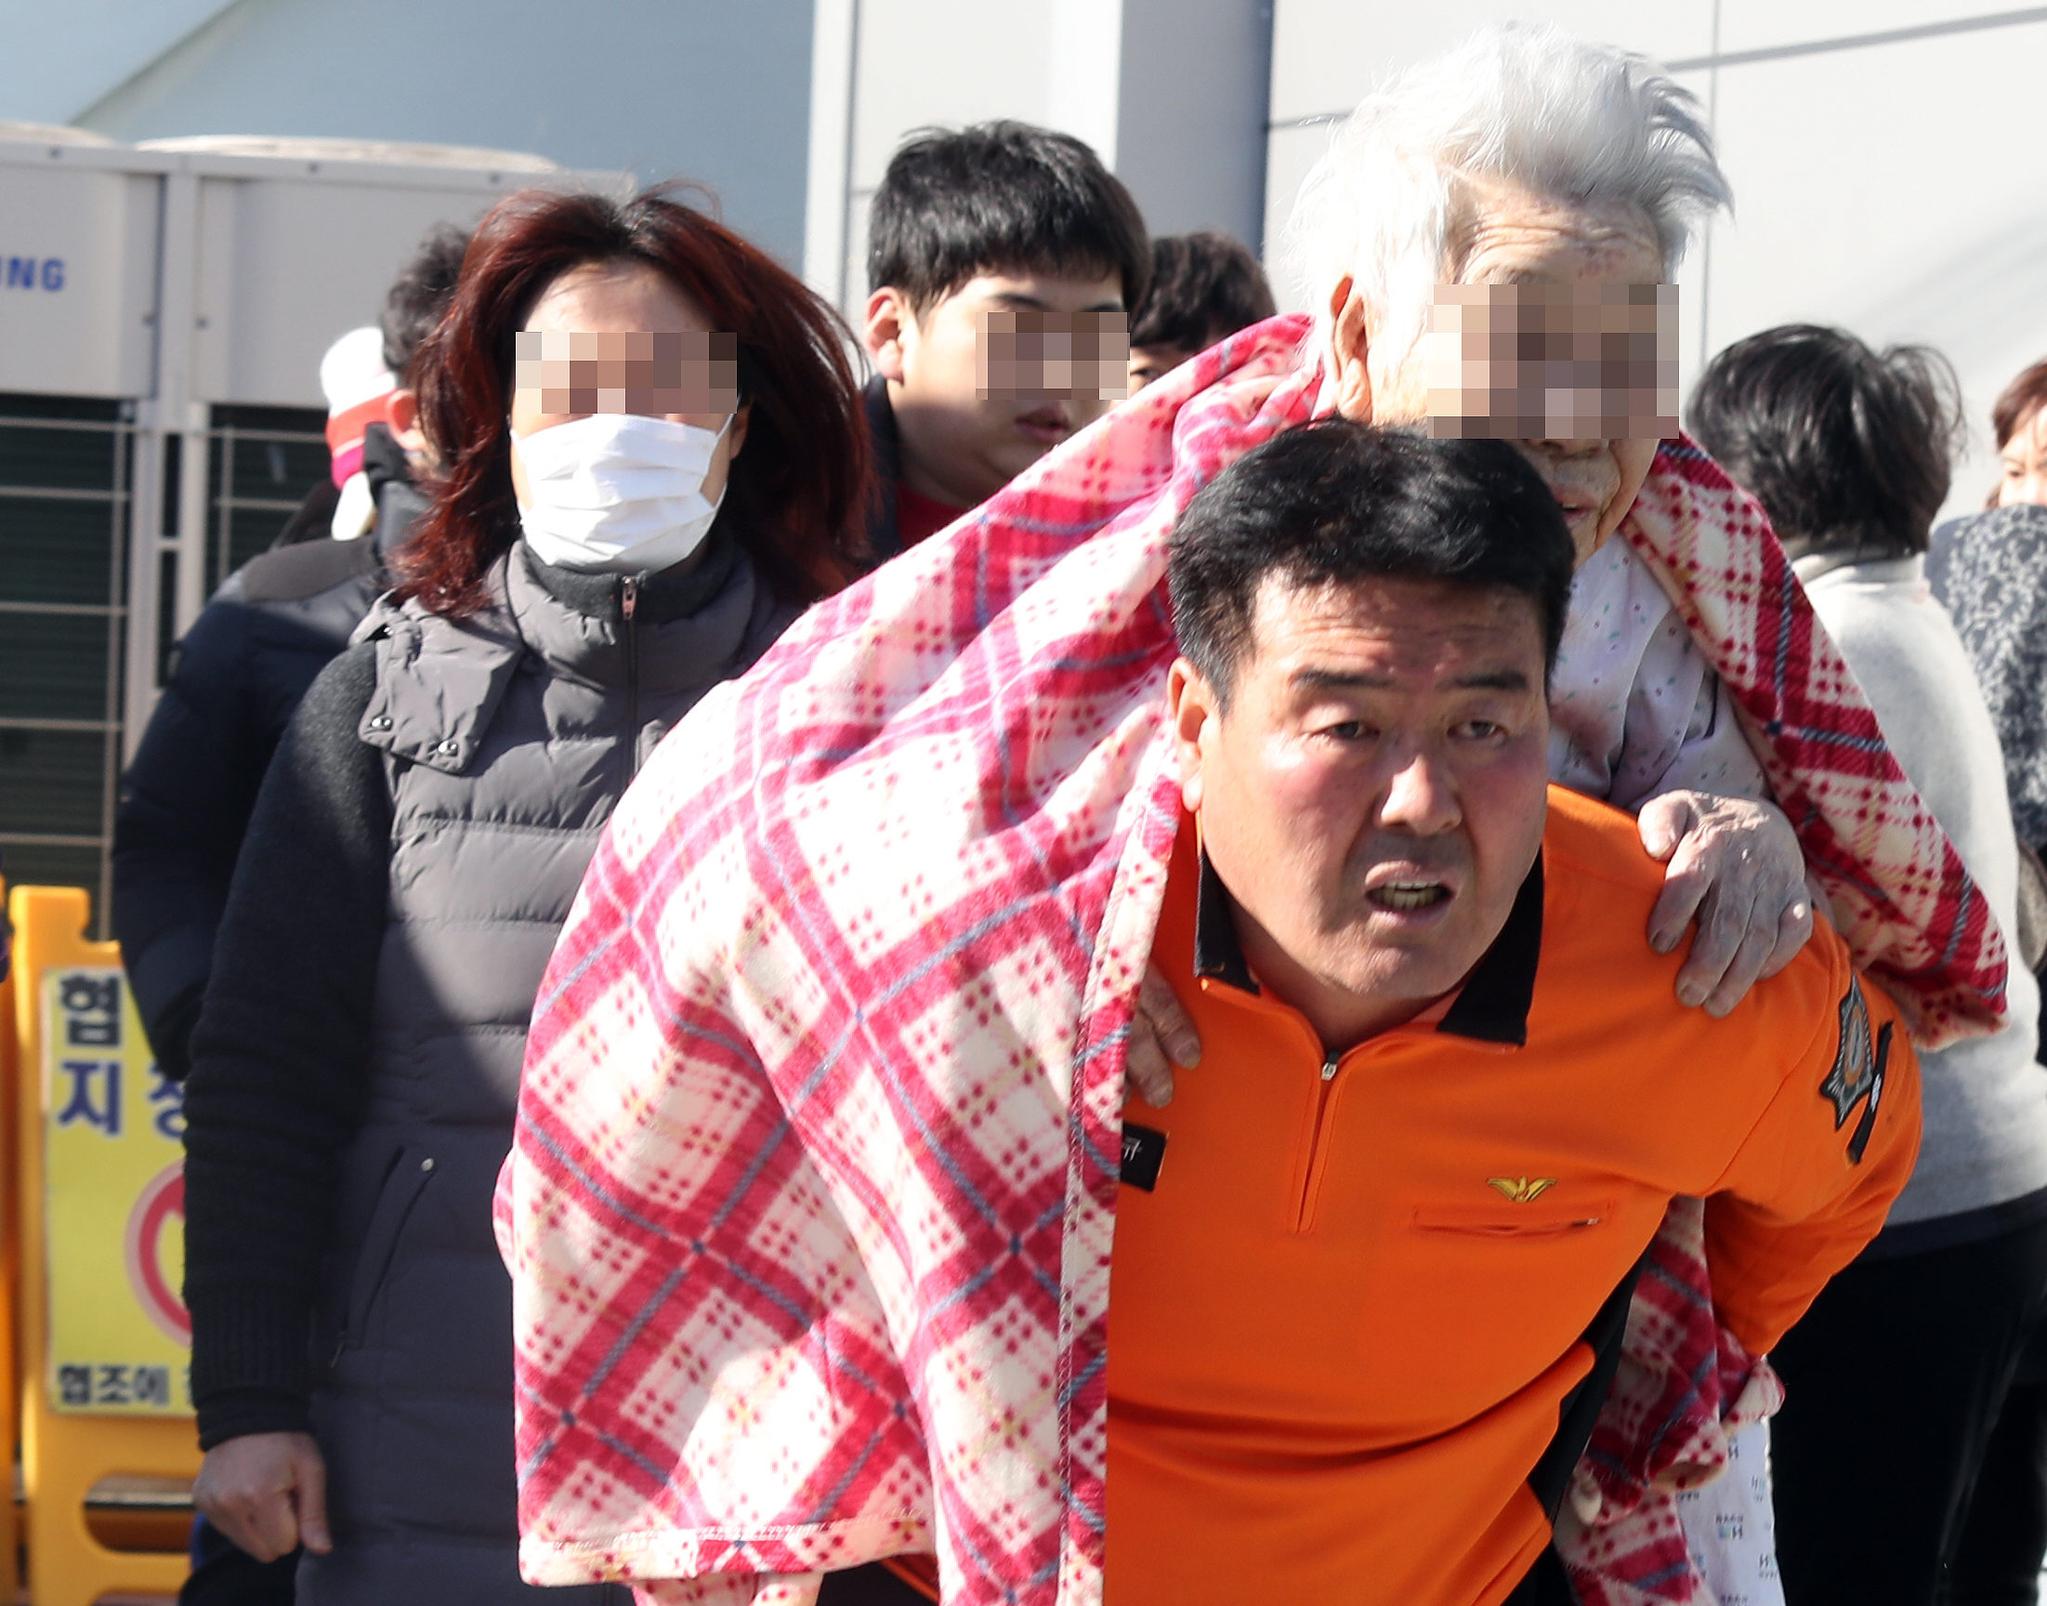 경남 밀양시 가곡동 세종병원에서 소방대원이 환자를 이송하고 있다. [연합뉴스]